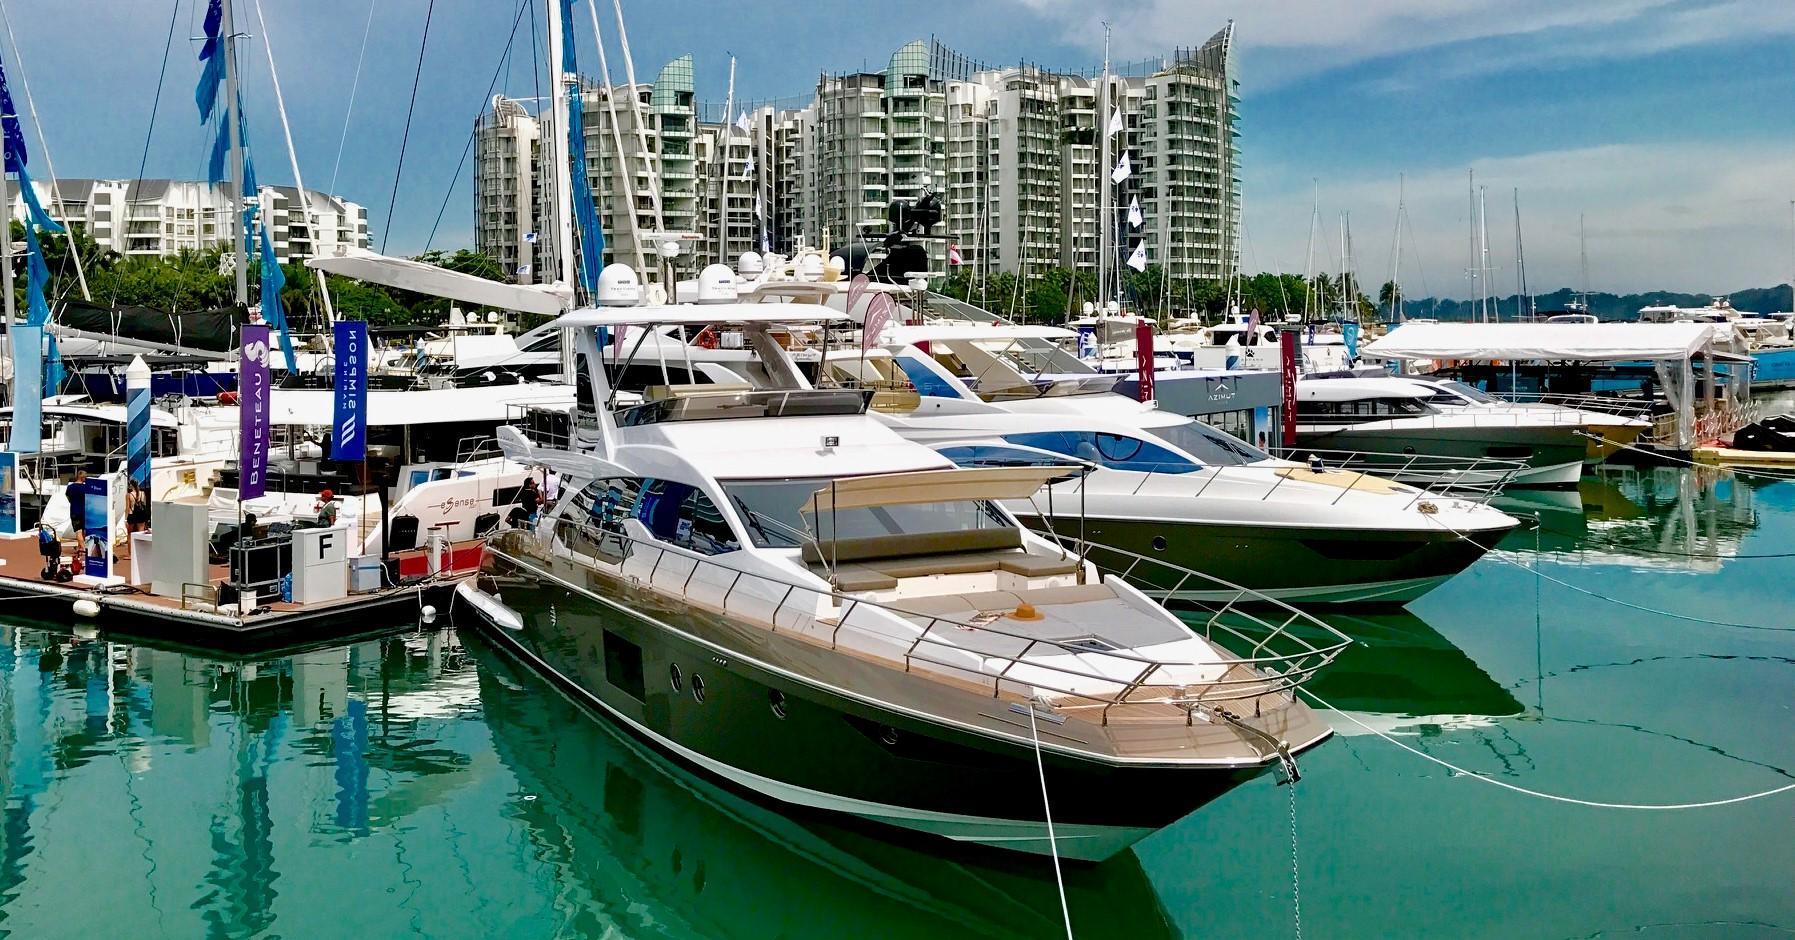 Chi c'è al Singapore Yacht Show?